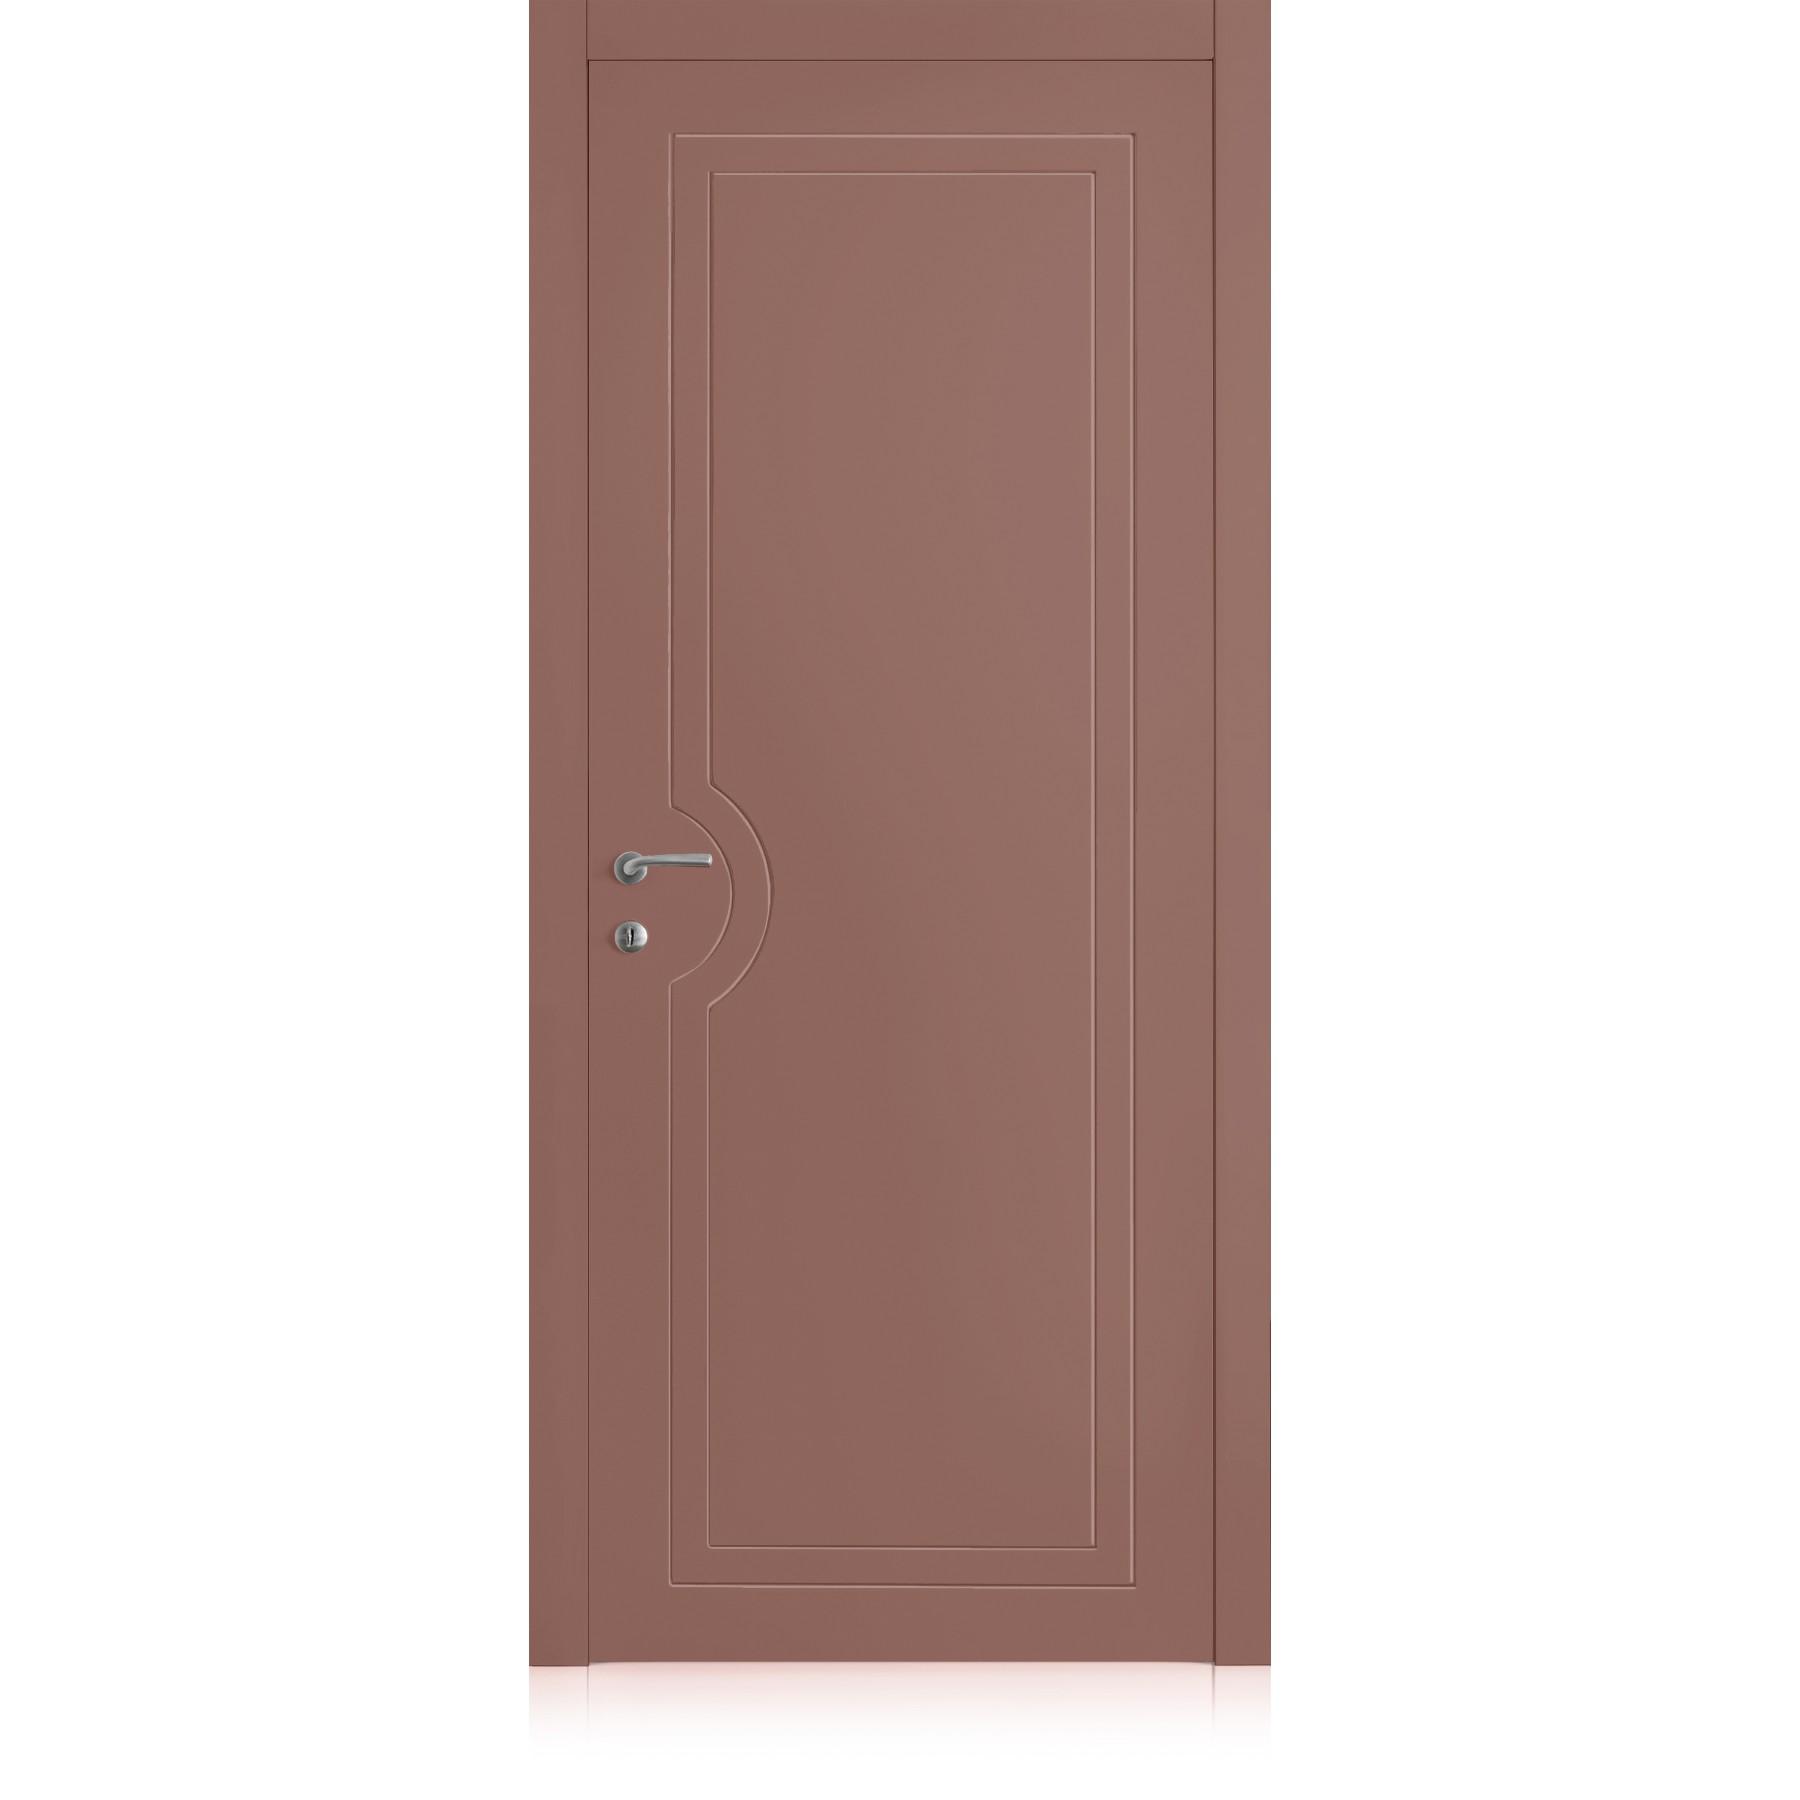 Porta Yncisa / 1 Malva Light Laccato ULTRAopaco